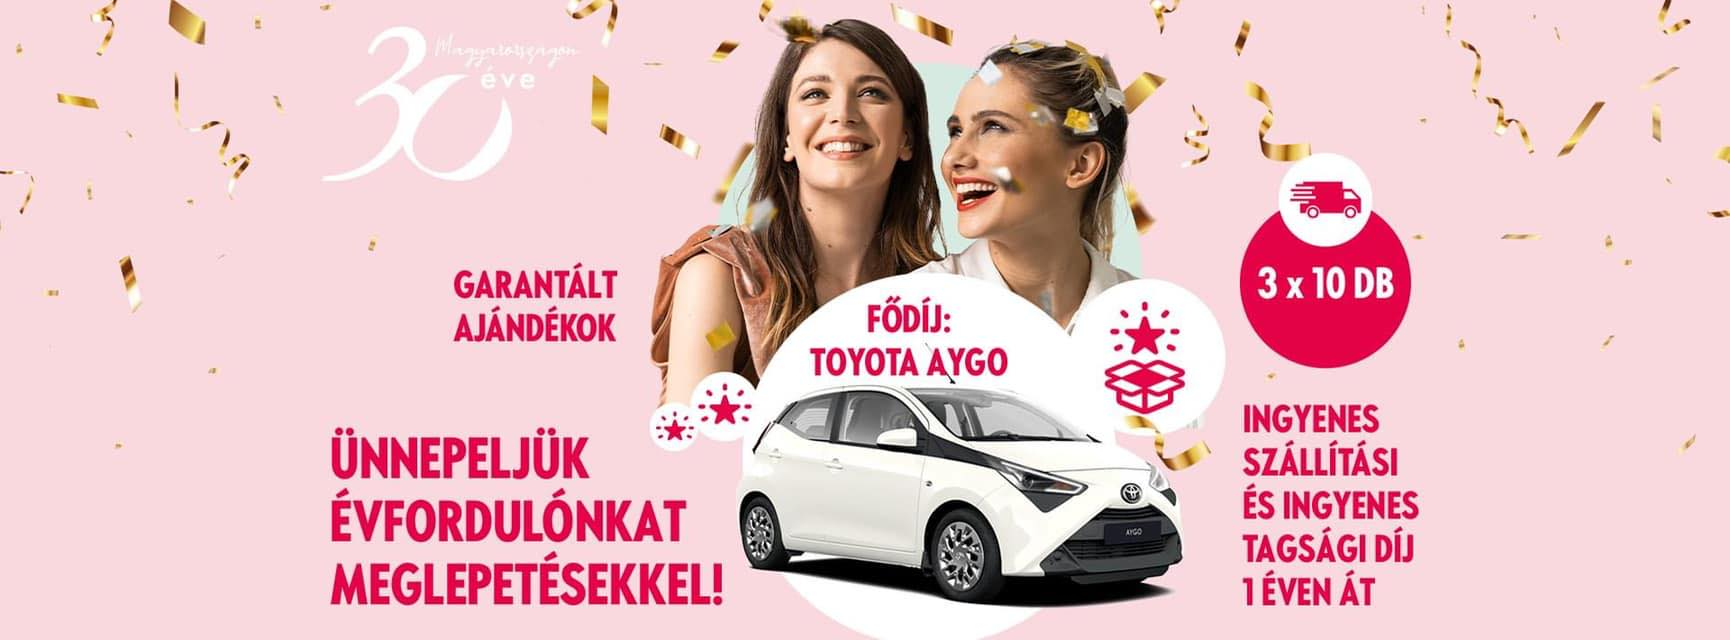 Itt regisztrálva 20 % kedvezménnyel részese lehet a Svéd életérzésnek és még egy vagány nőcis autót is nyerhet